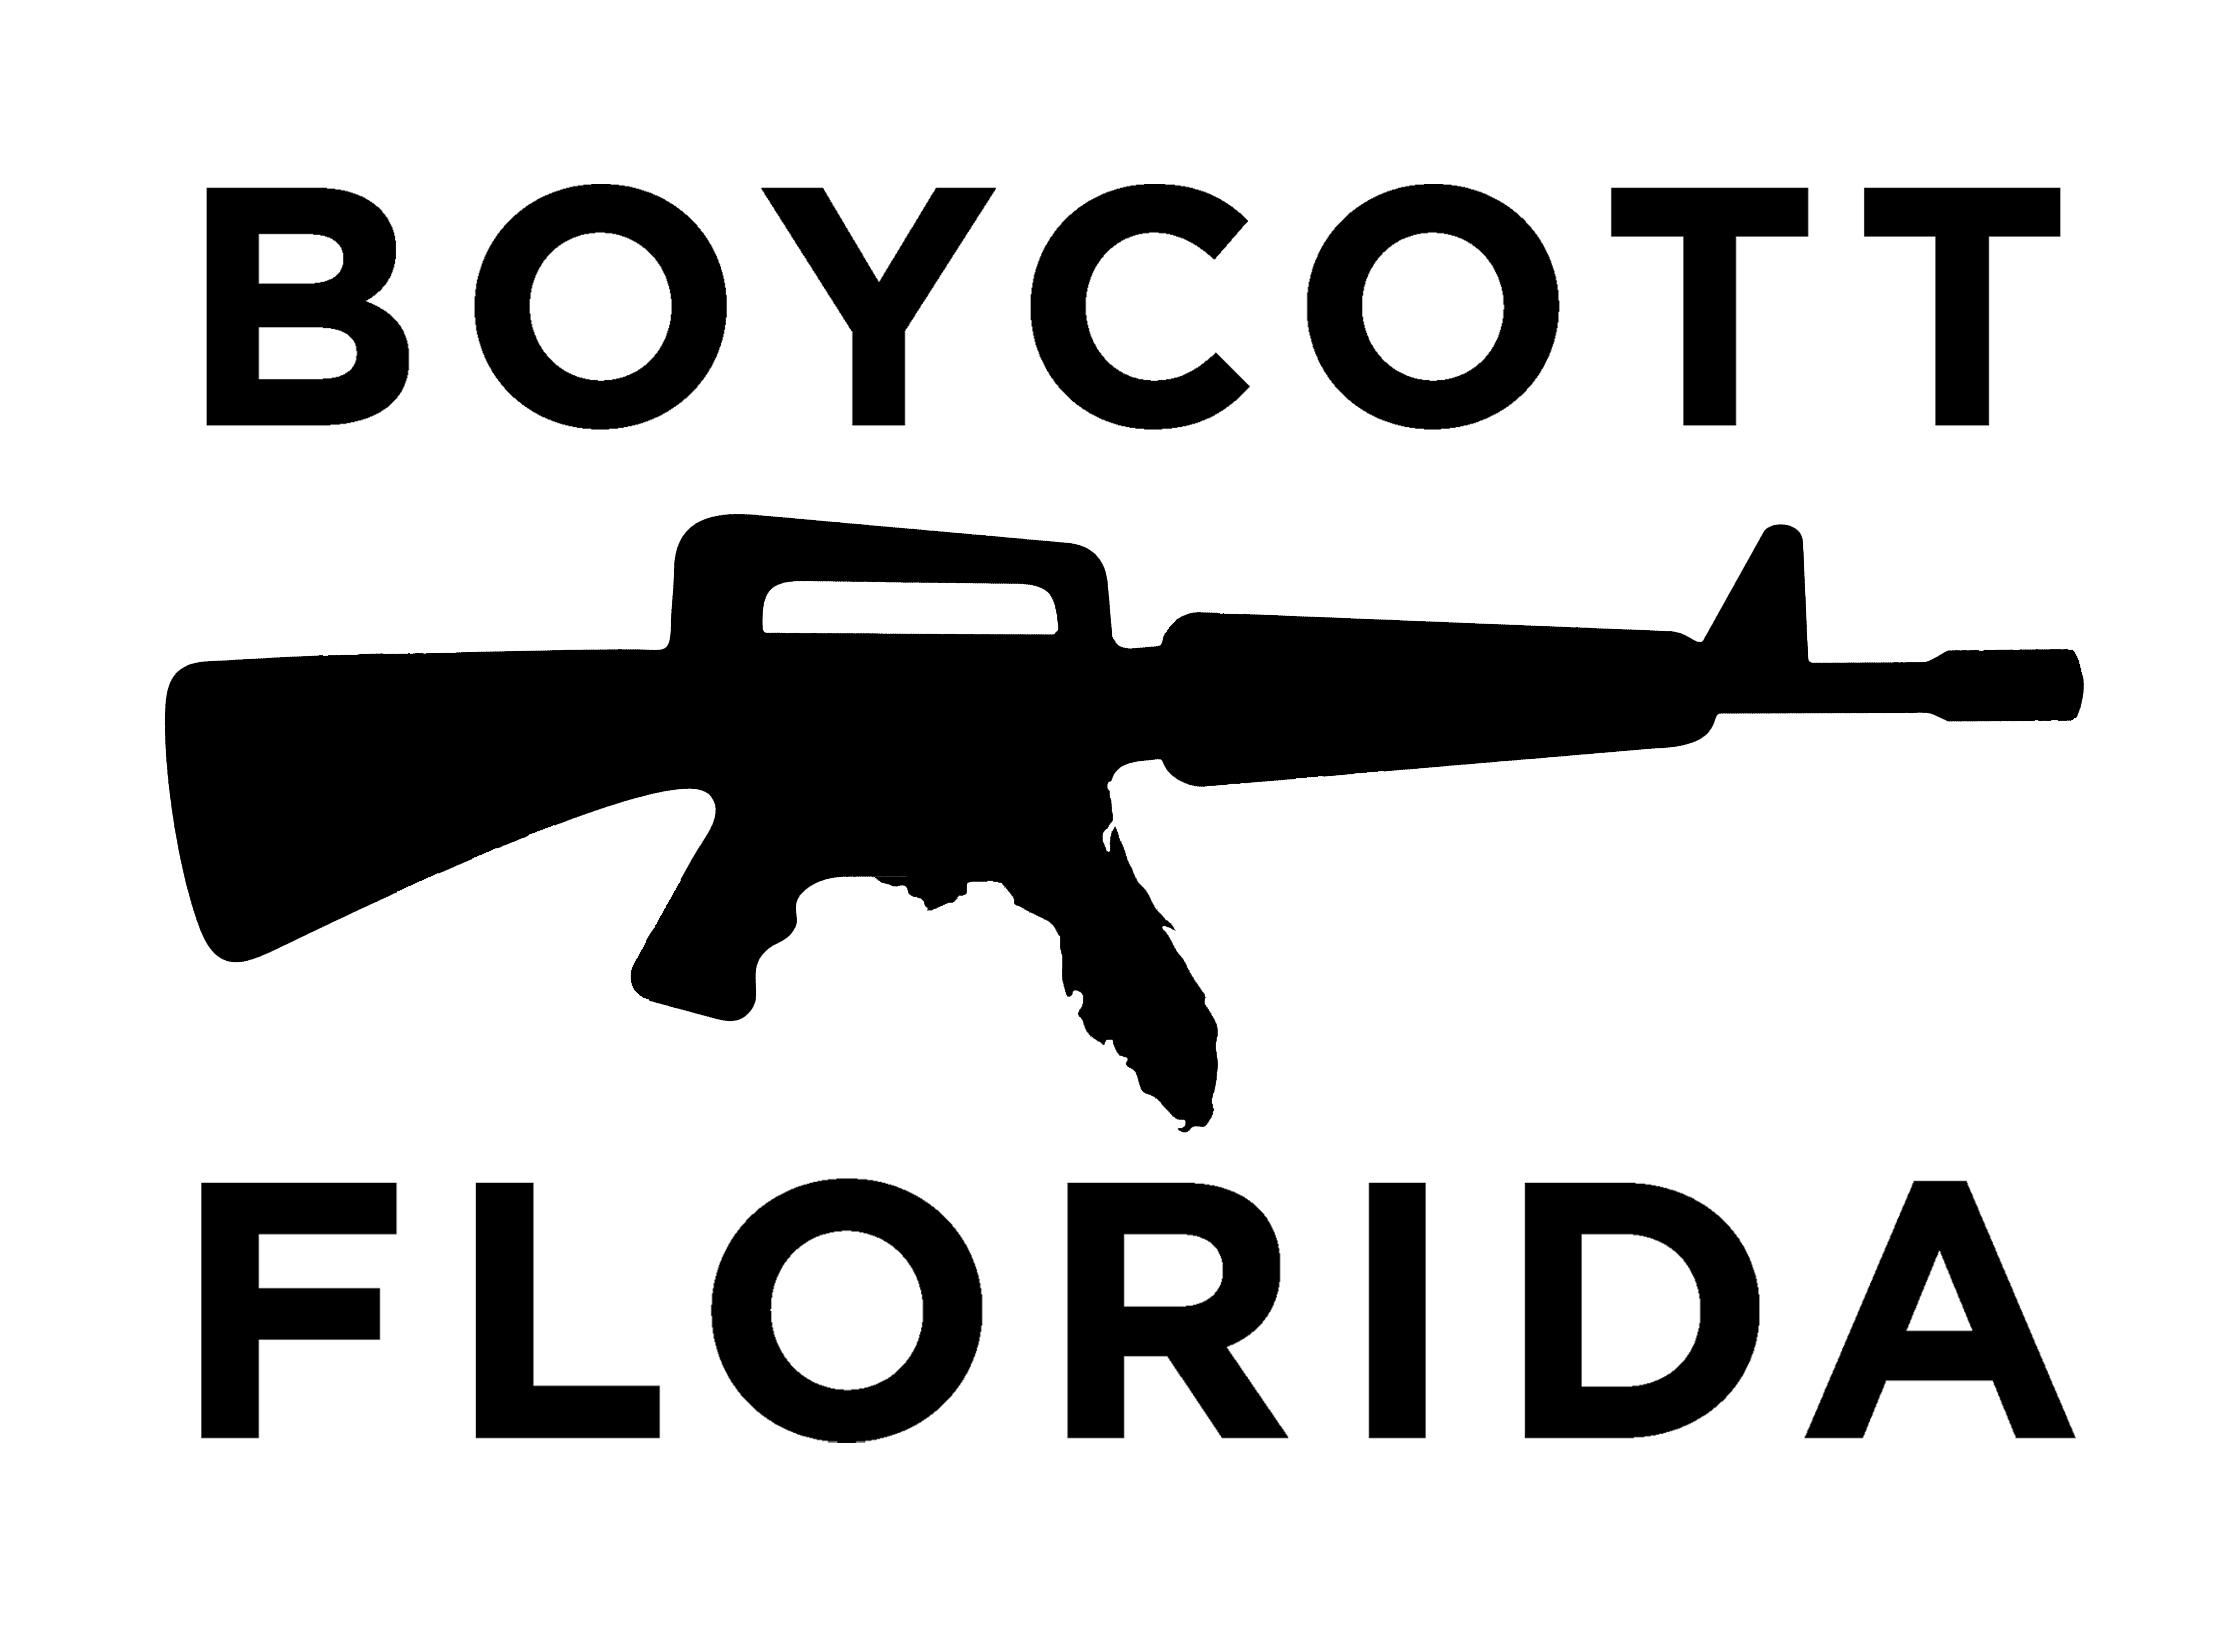 BOYCOTT FLORIDA LOGO AK-15 BW